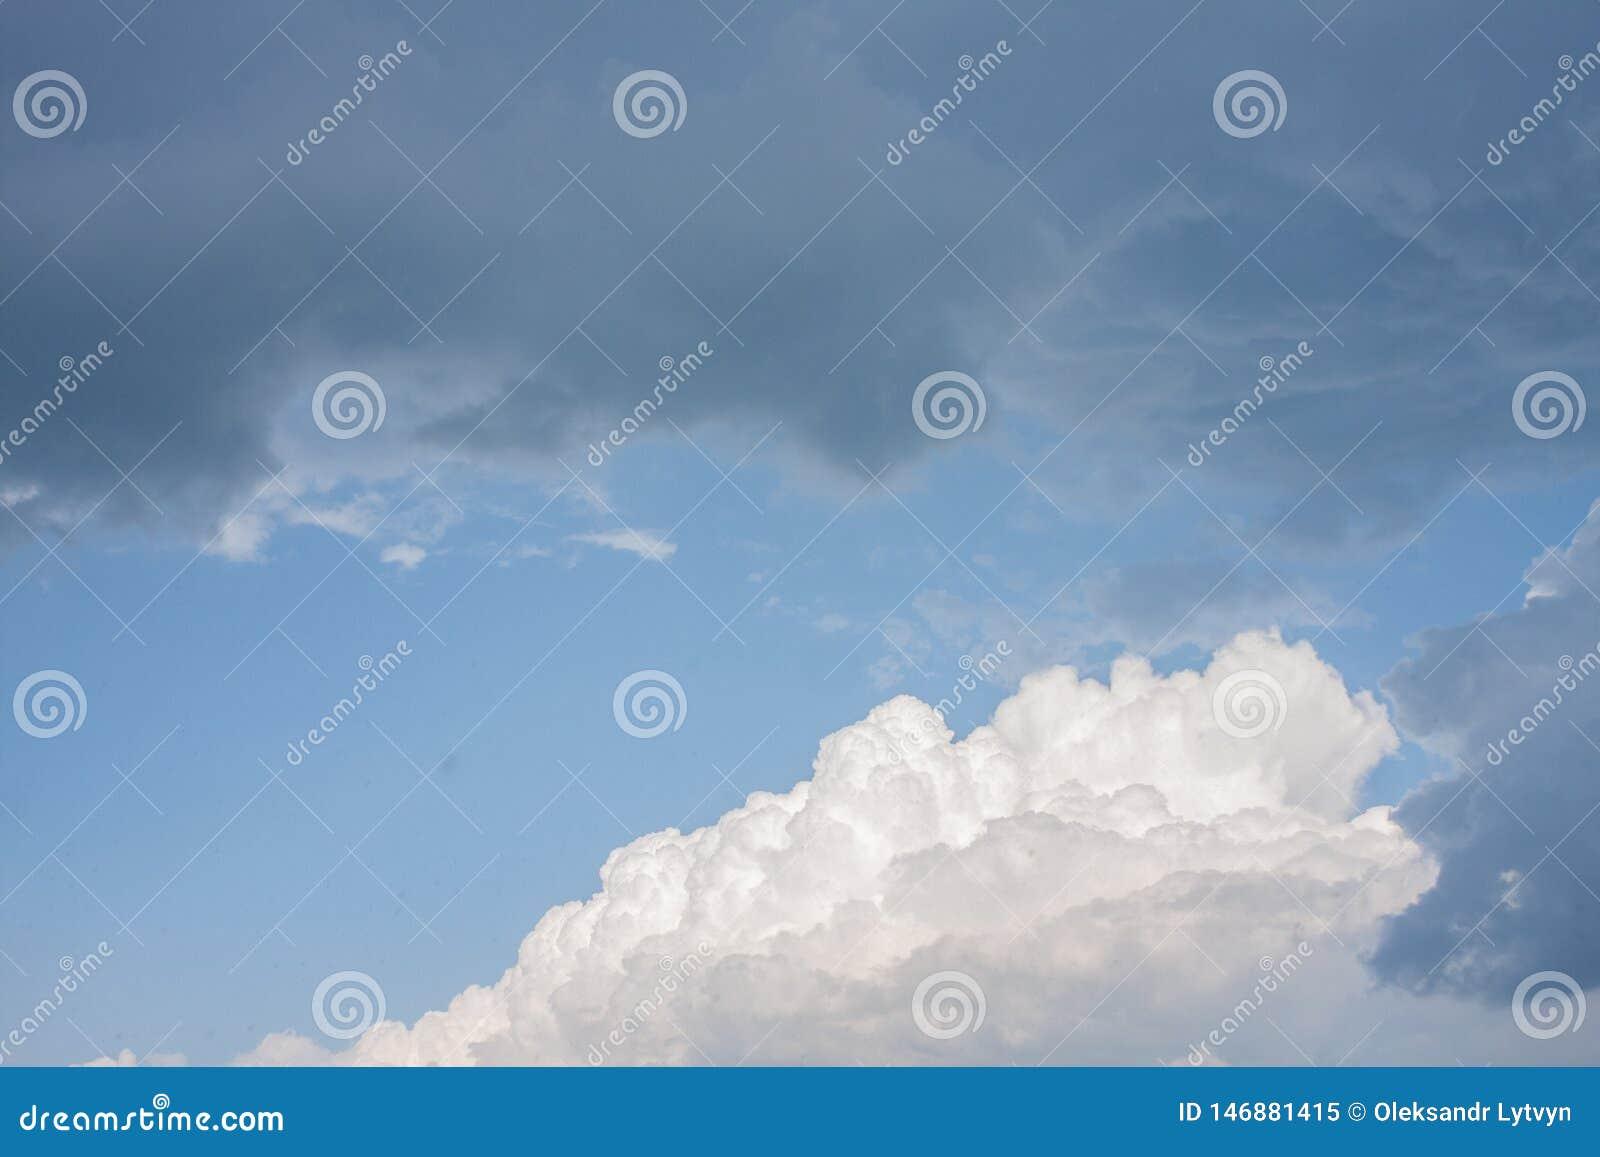 Schöner blauer Himmel des Vor-Sturms mit weißem und dunklen Wolken